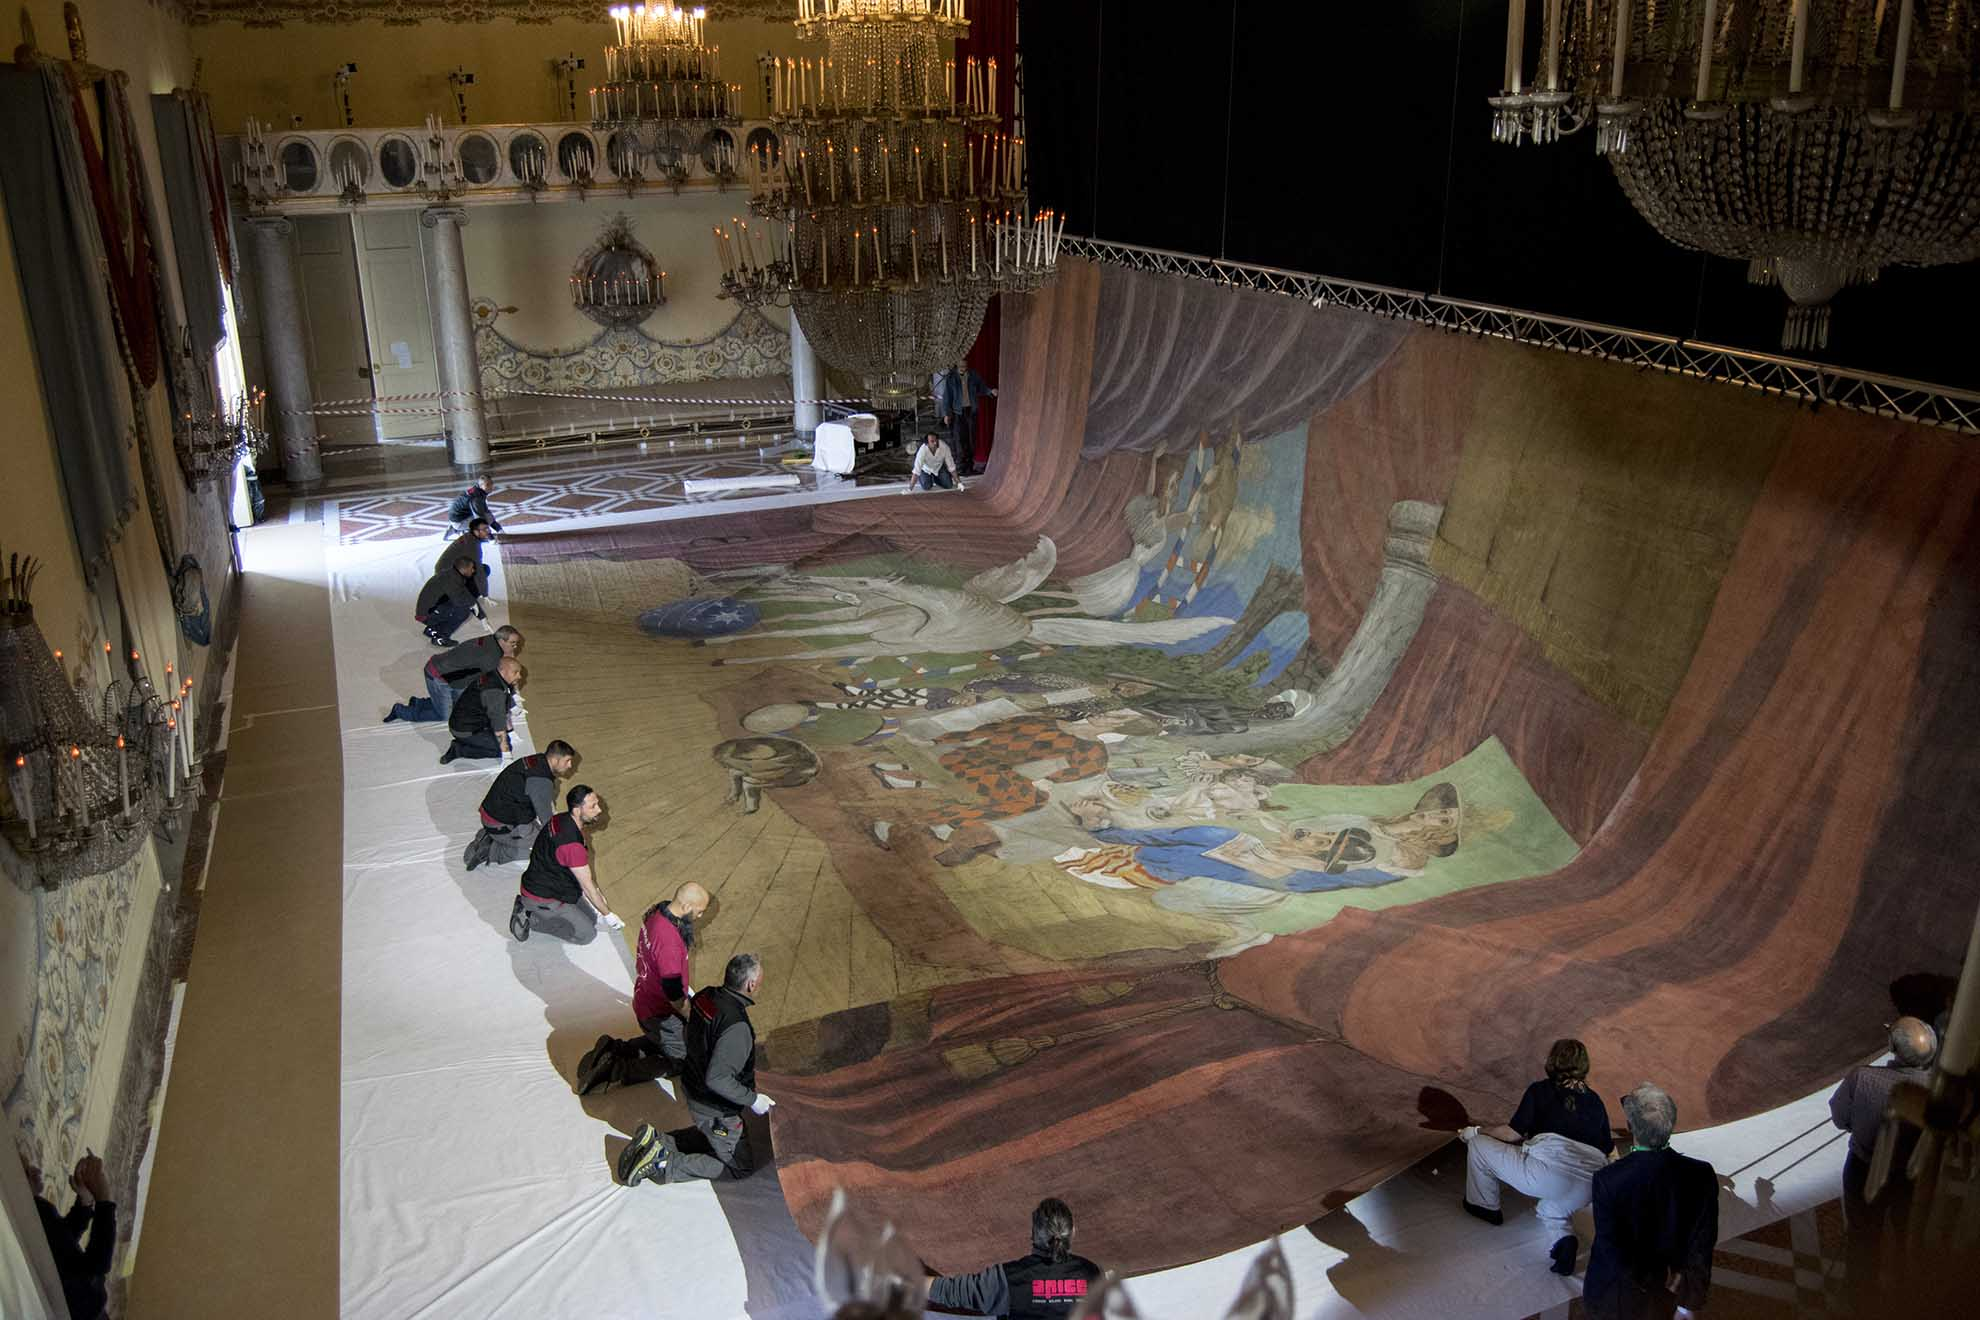 Un momento dell'allestimento del sipario realizzato da Picasso per il balletto Parade, Museo di Capodimonte - Ph. Alessio Cuccaro